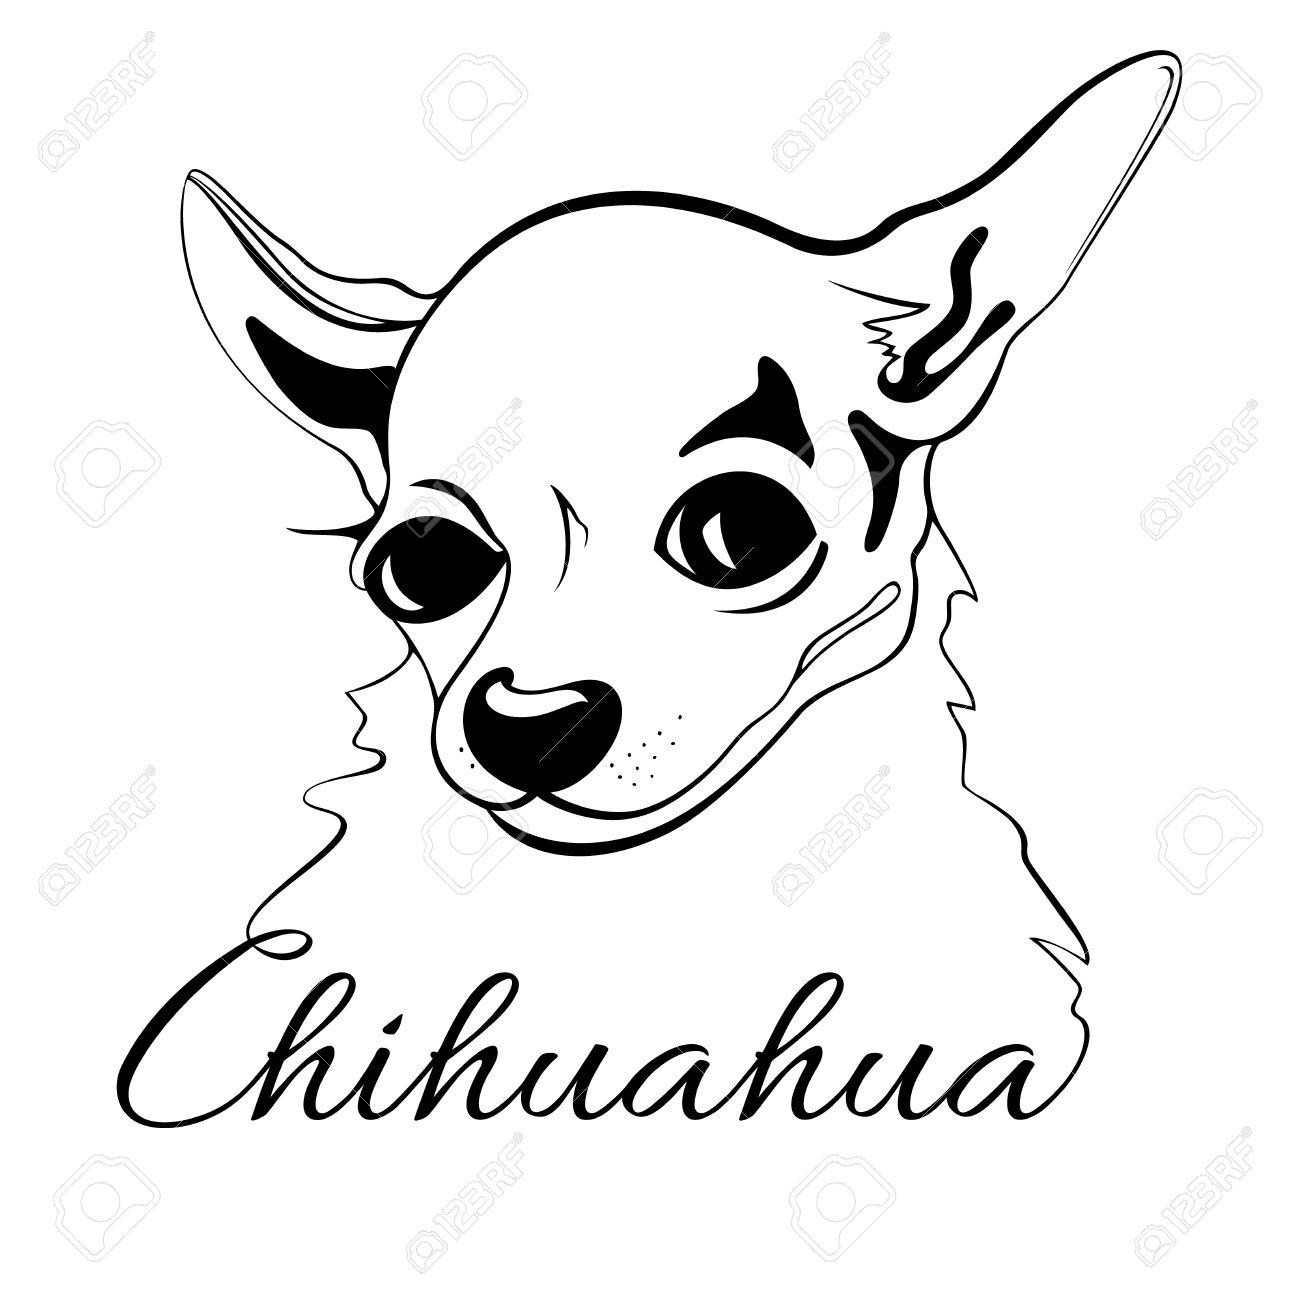 Cute Chihuahua Drawing At Getdrawings